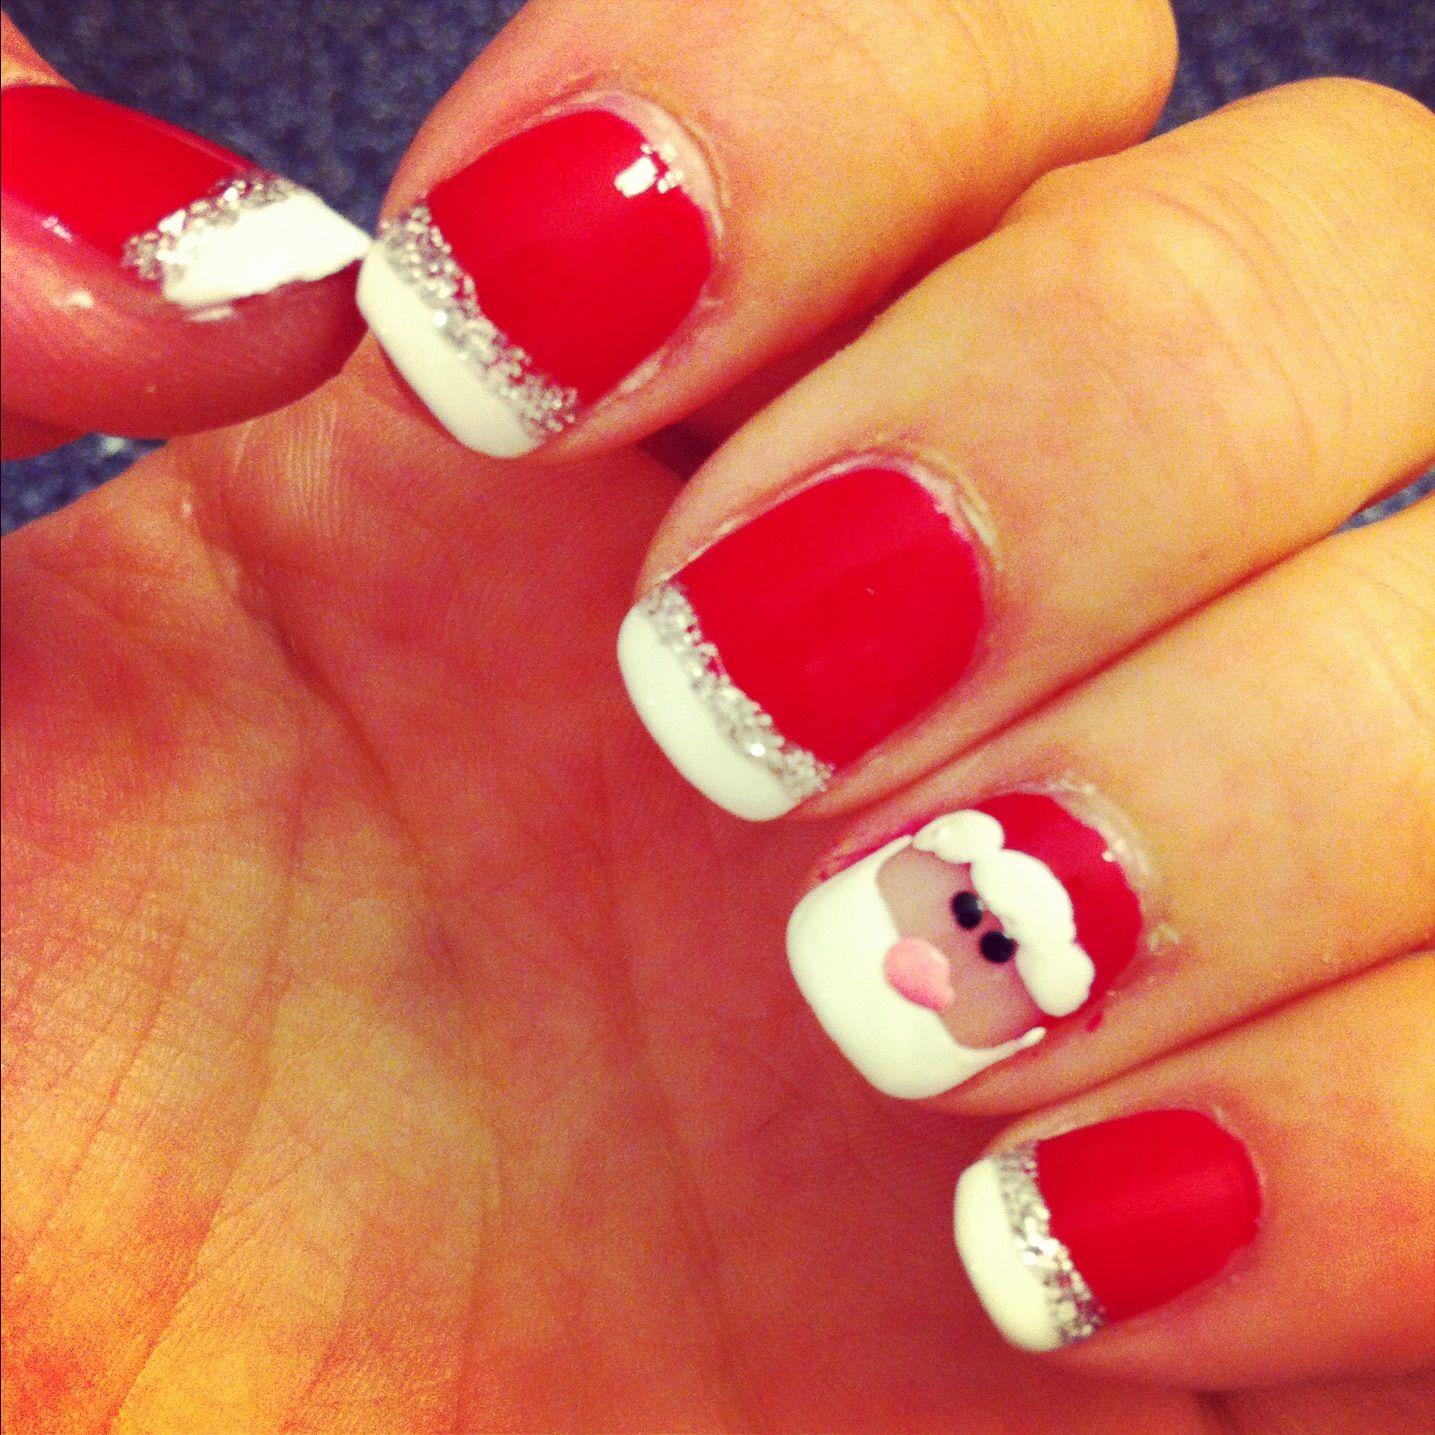 Santa clause nails!